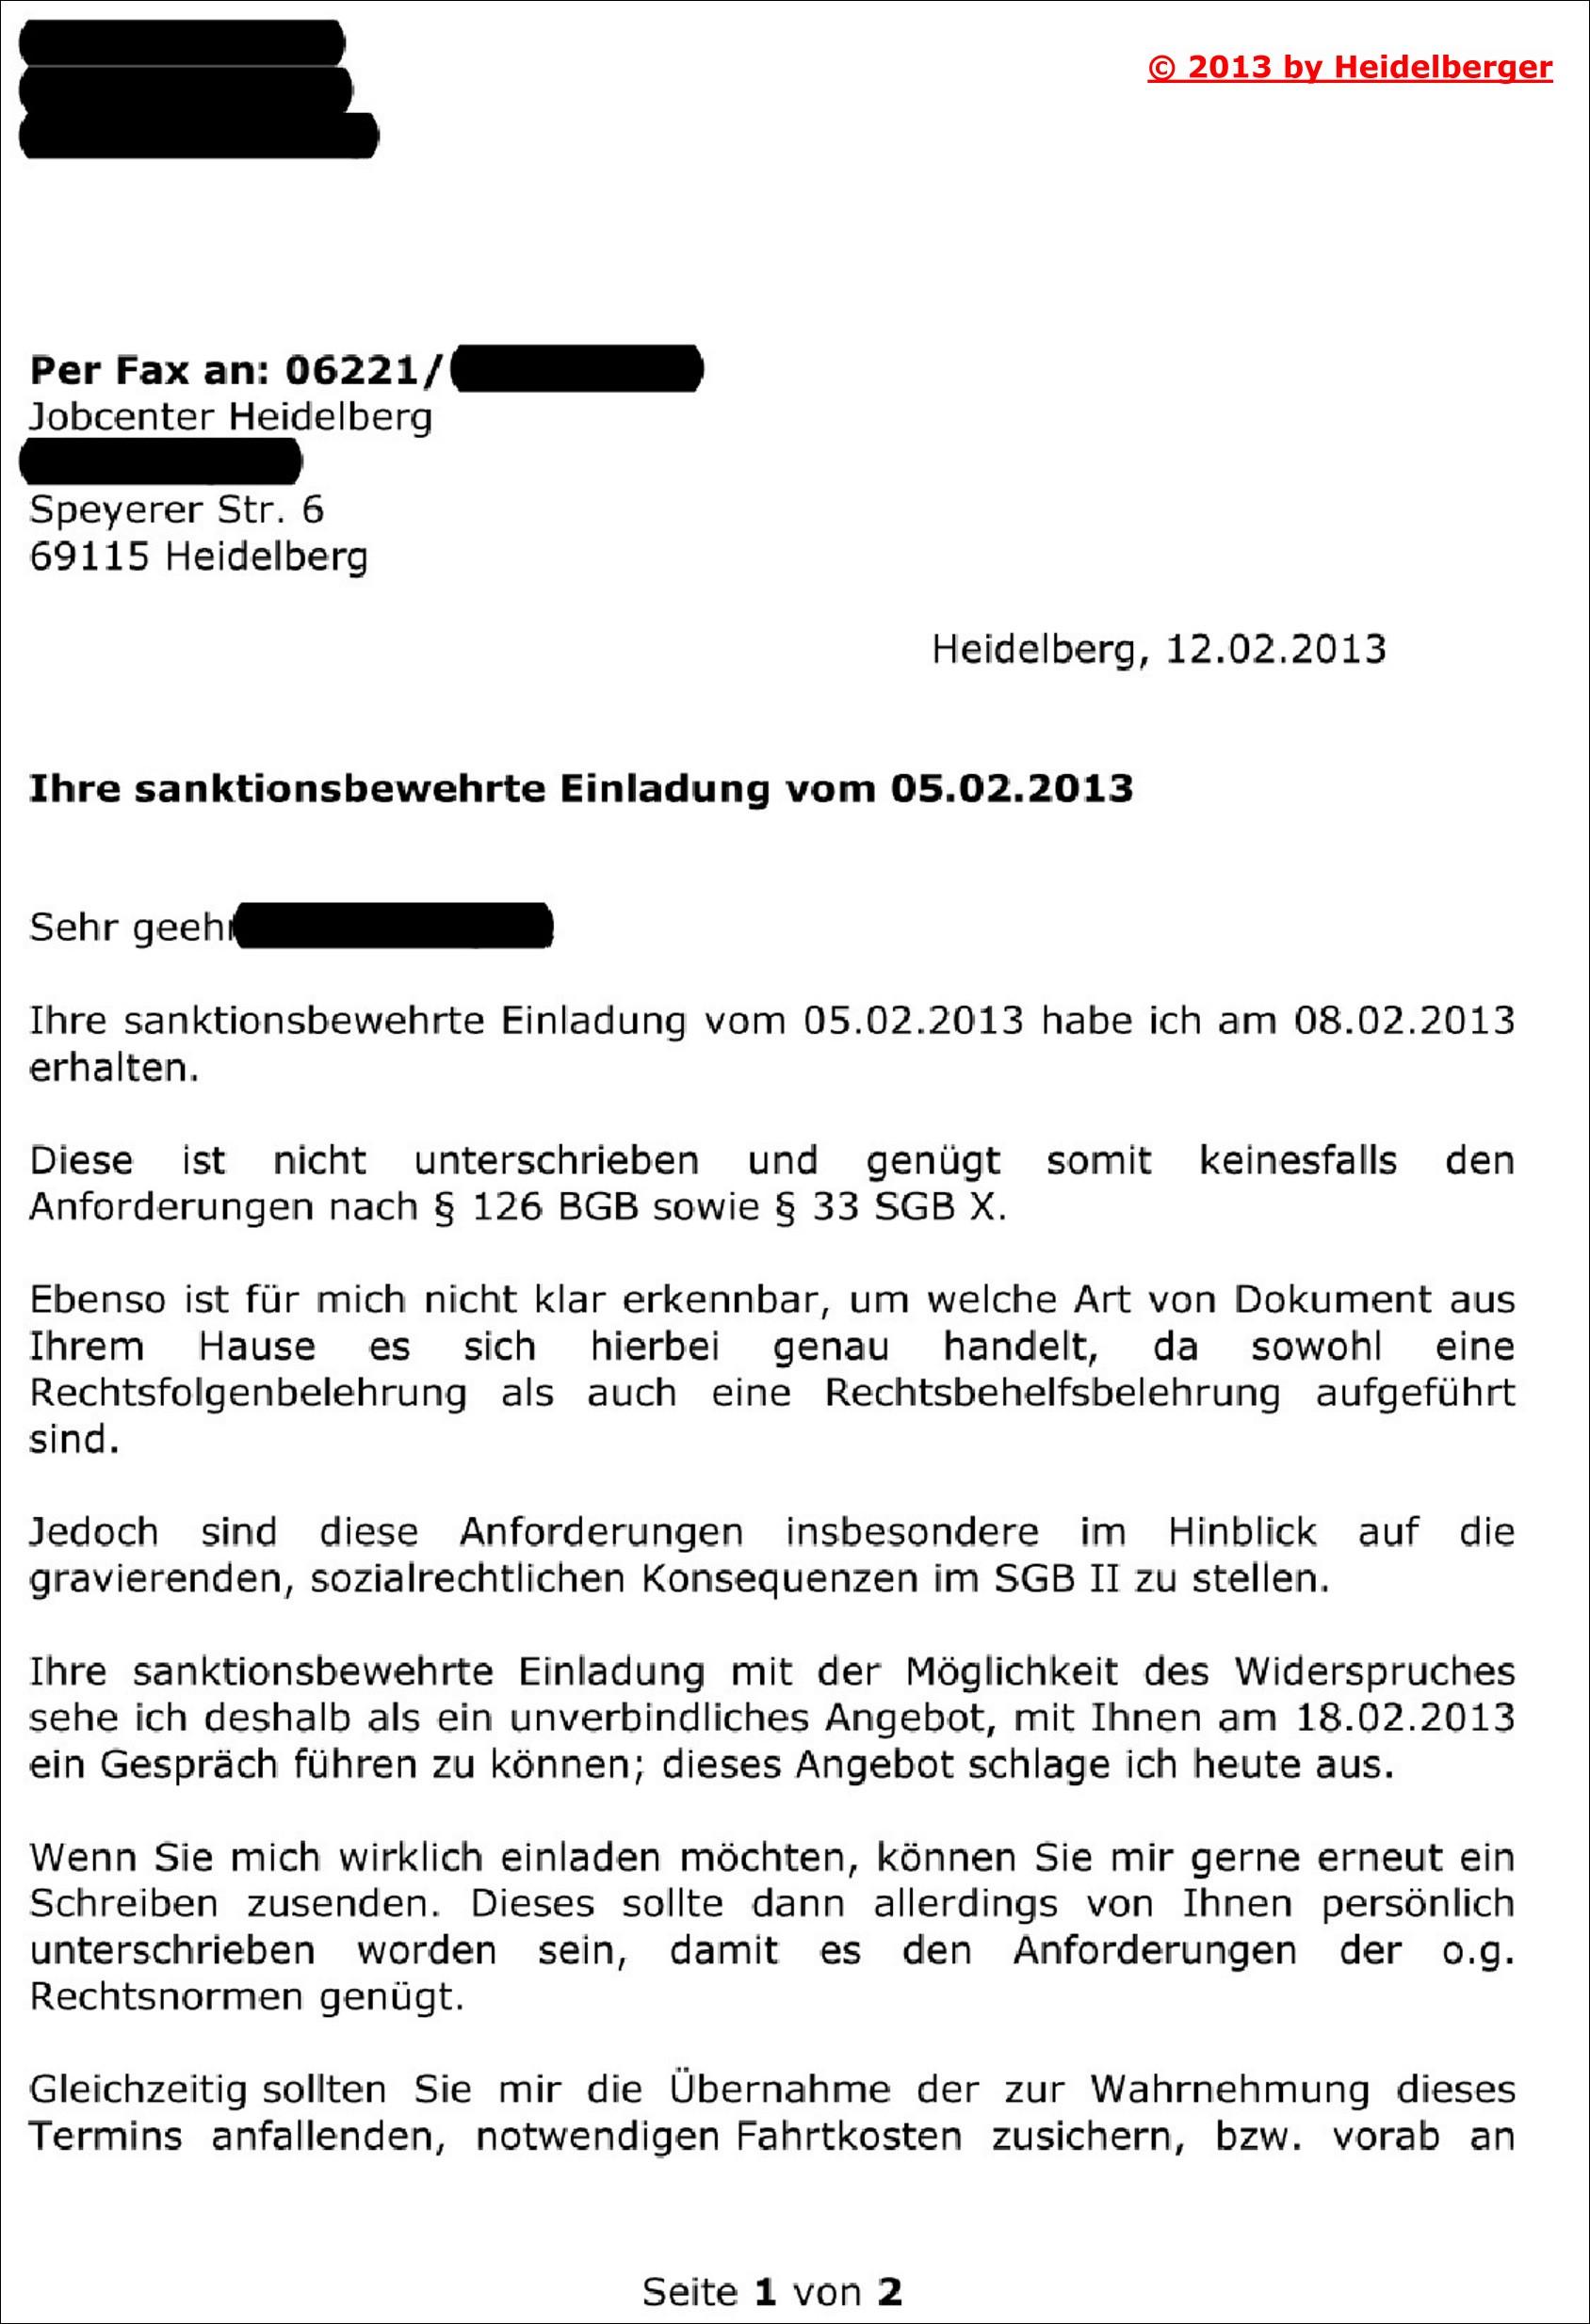 das schweigen der sanktions-lämmchen | heidelberger-blog, Einladung